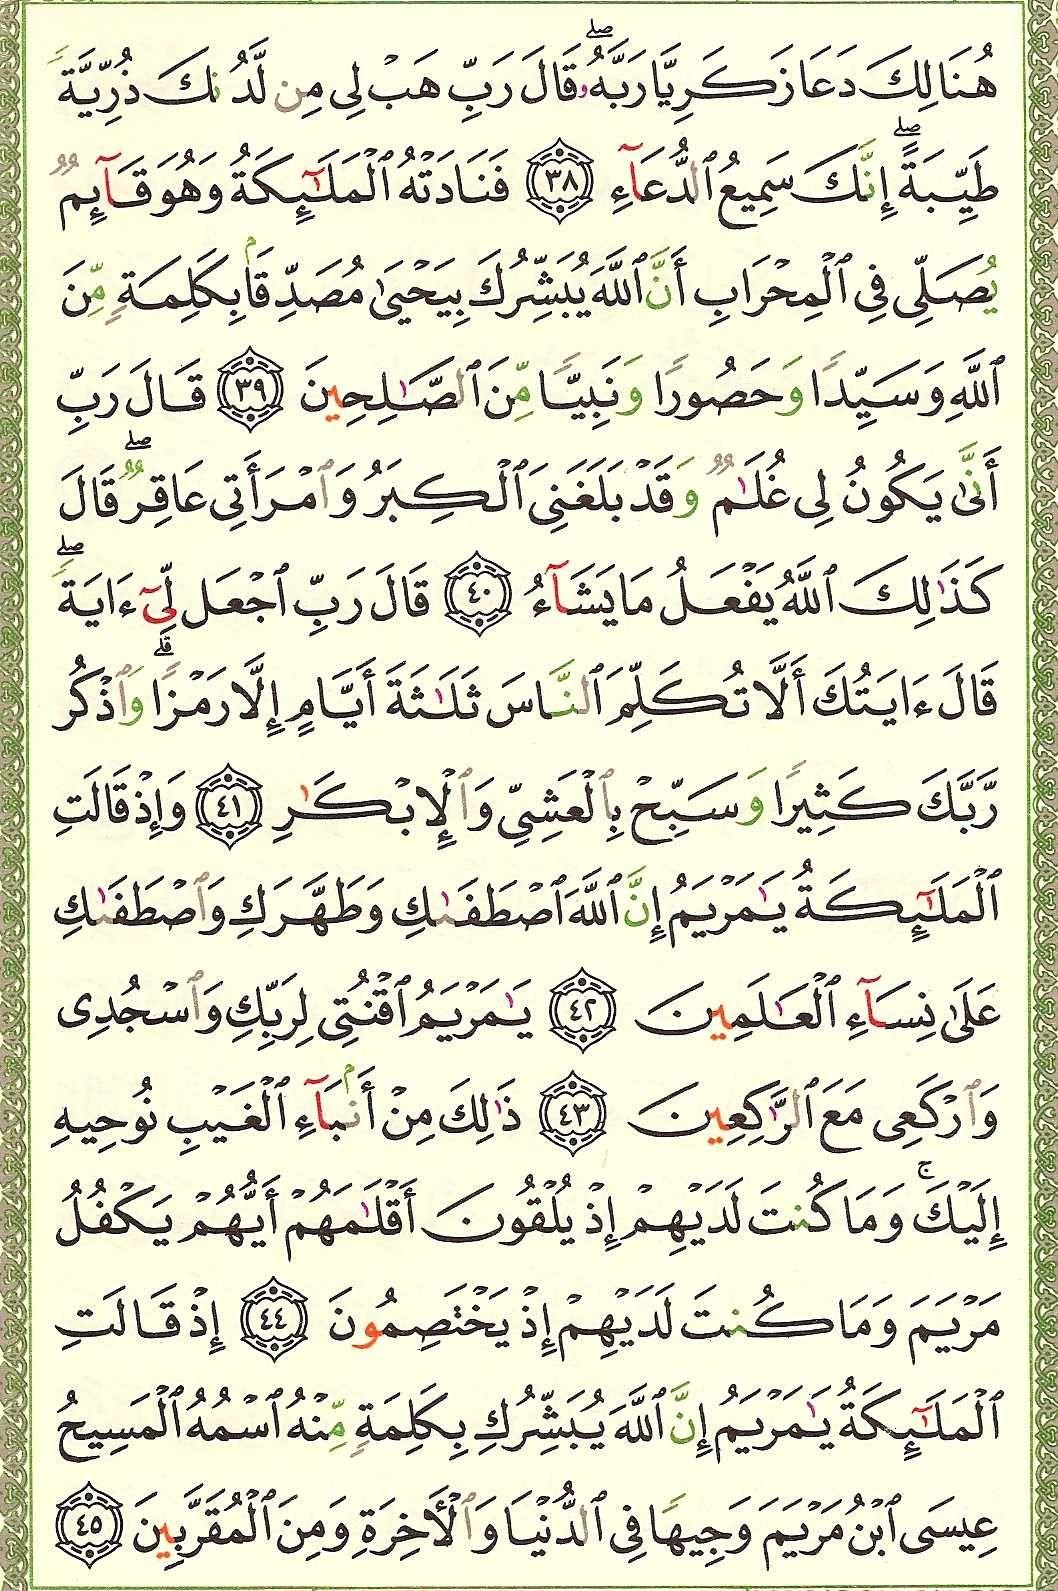 3. سورة آل عمران - Al-Imran مصورة من المصحف الشريف 055